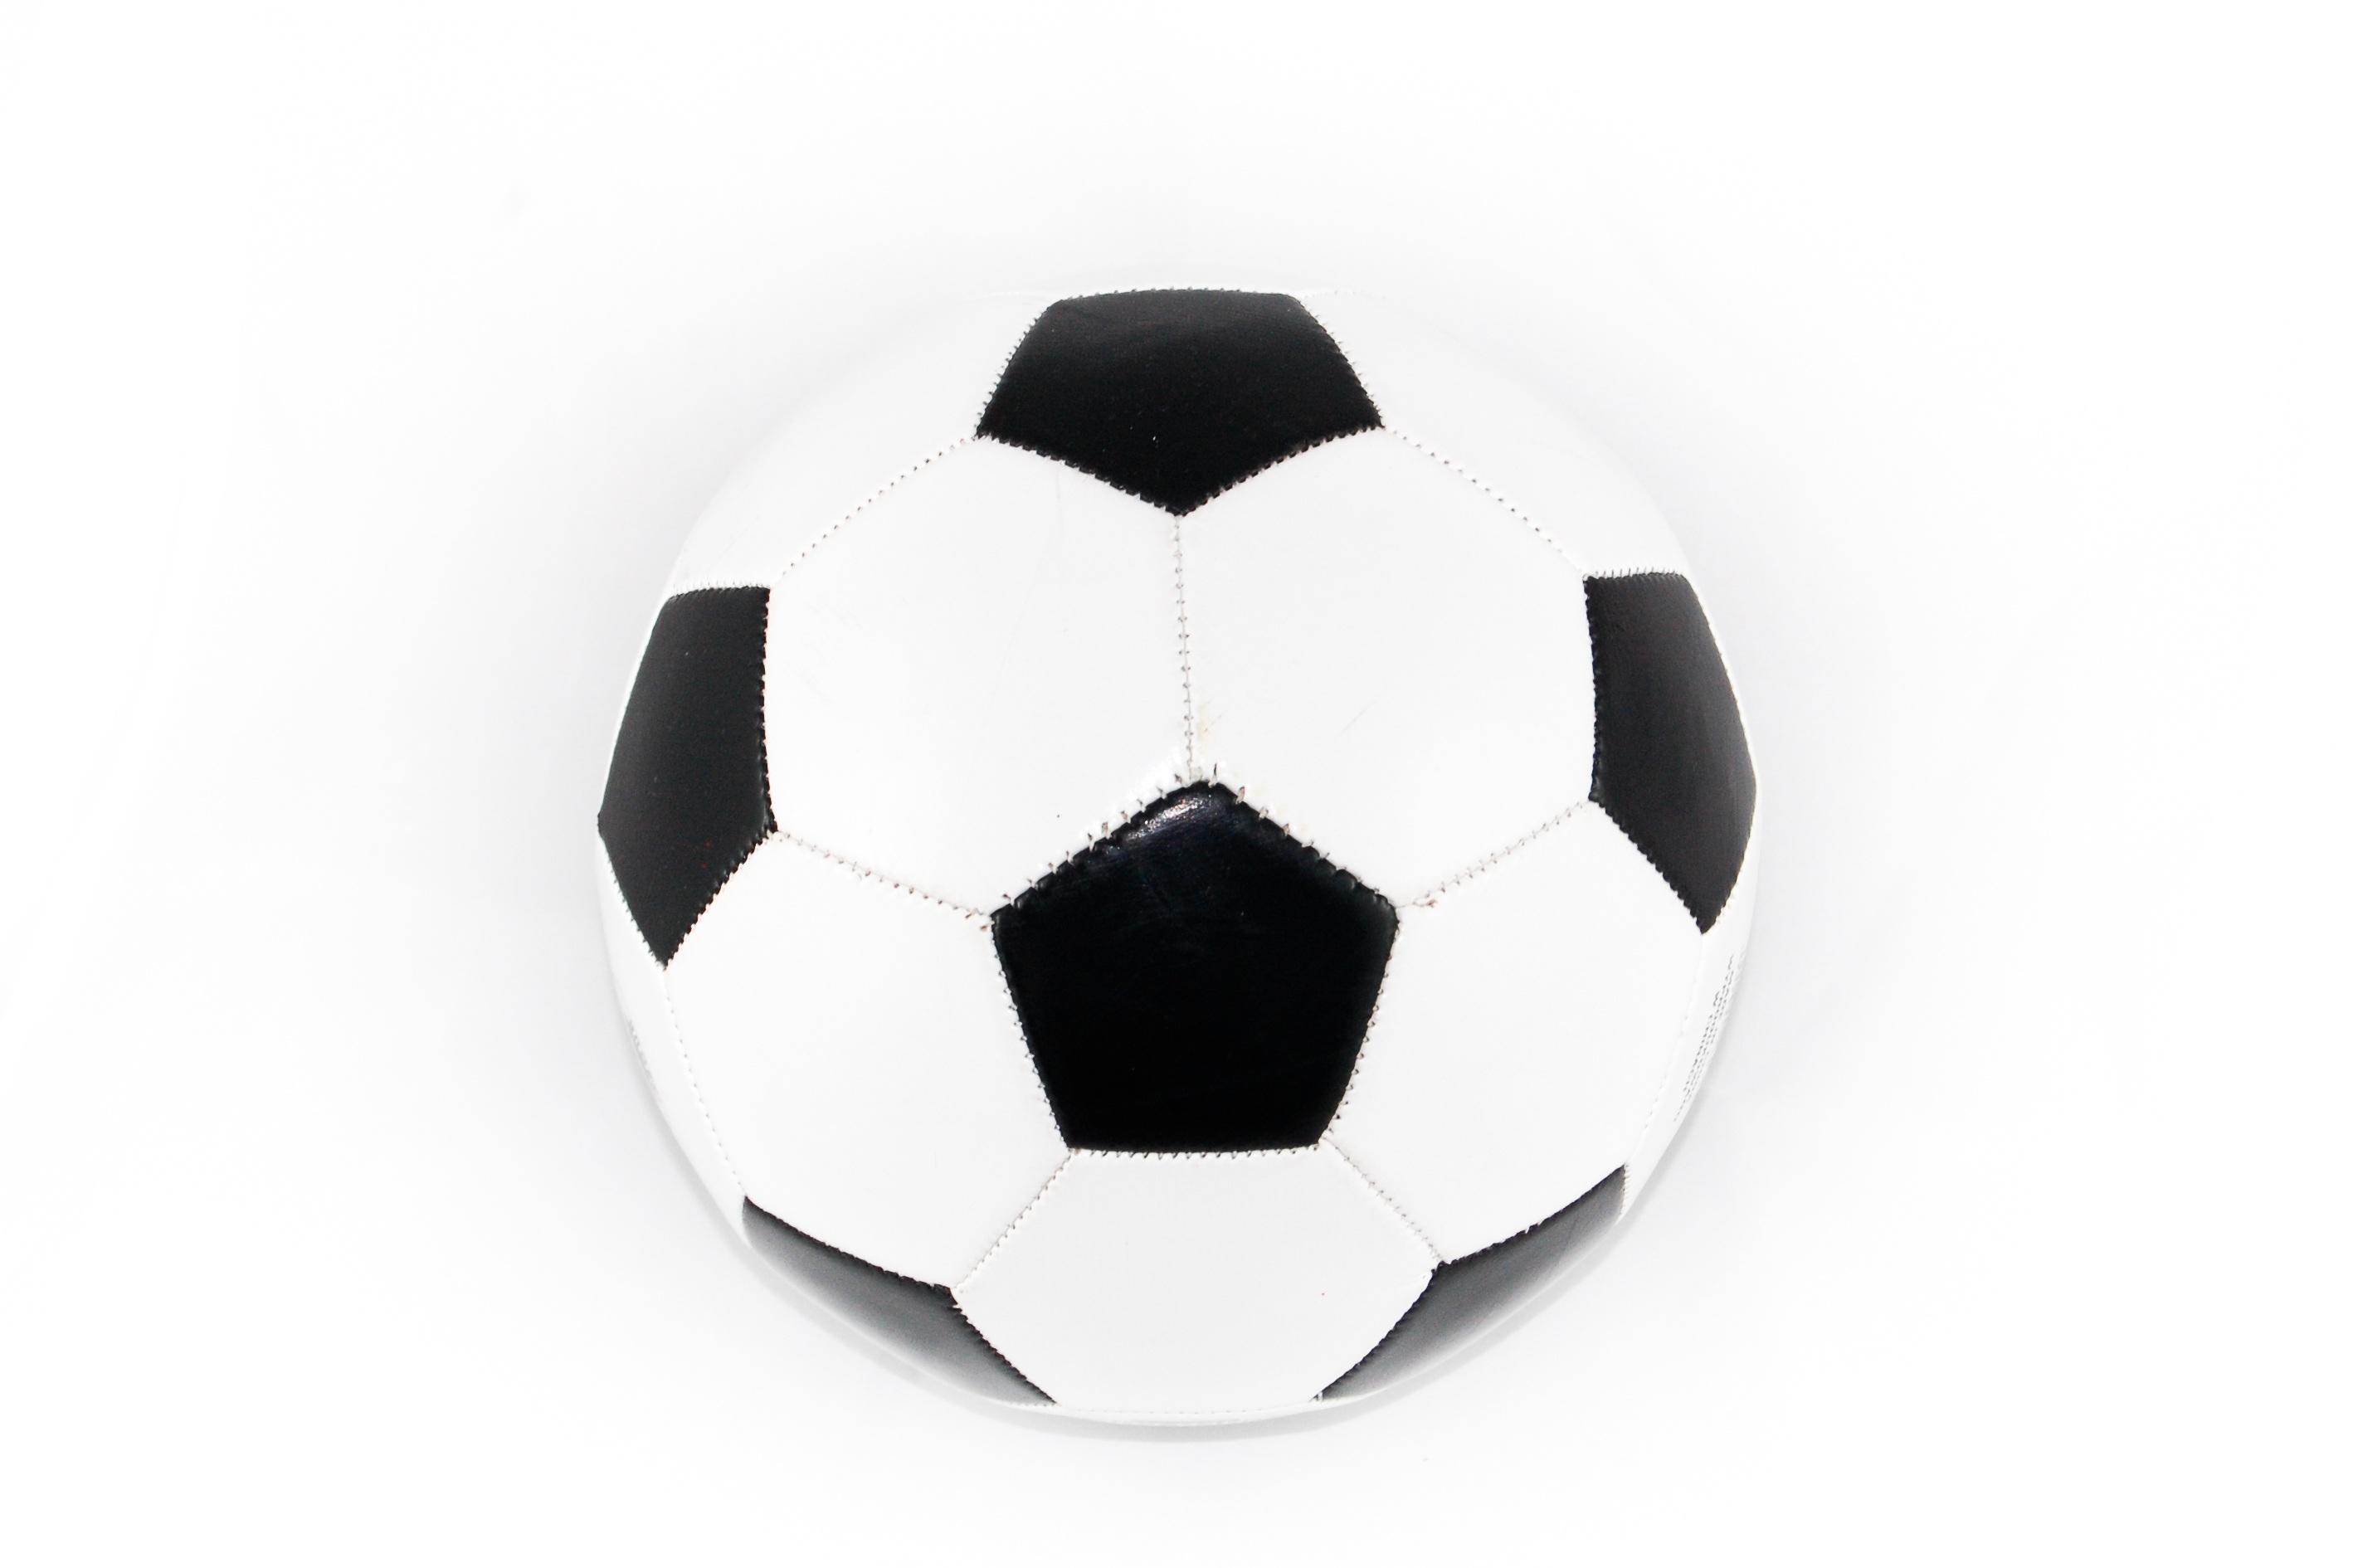 Balones De Fútbol Deportes Fondos De Pantalla Gratis: Fondos De Pantalla : Deporte, Fondo Blanco, Balón De